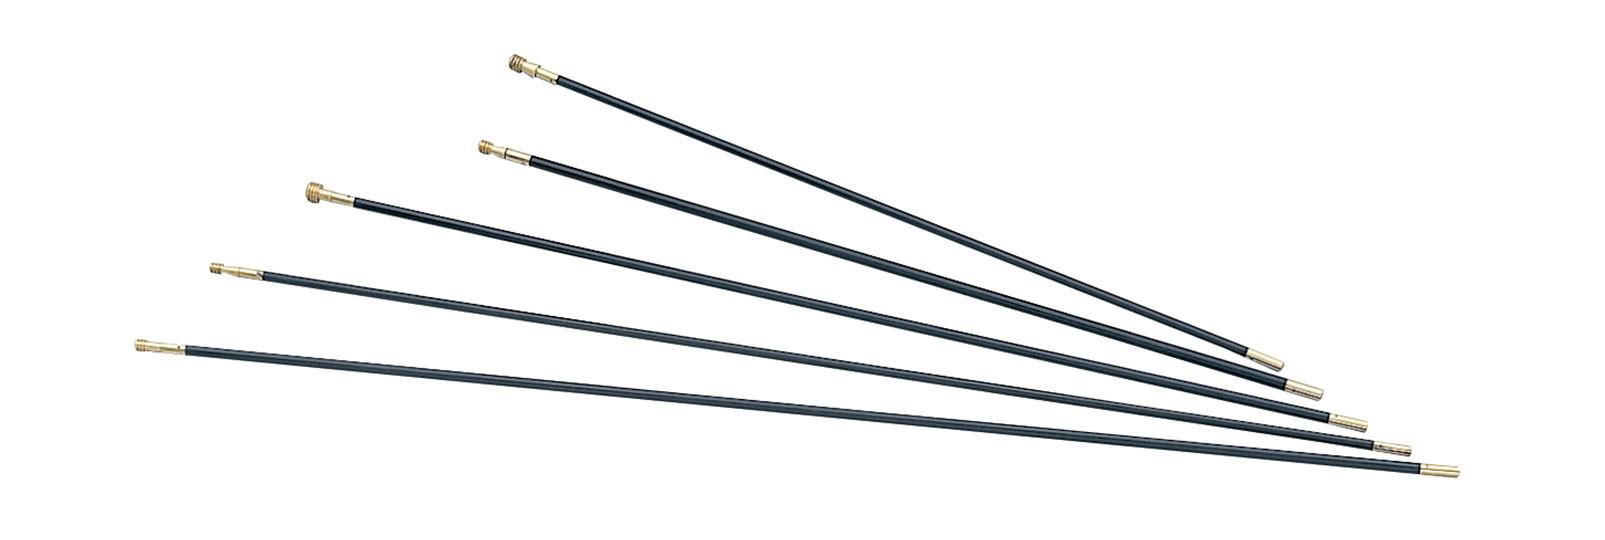 Bacchetta in fibra per armi ad avancarica 9x790 mm